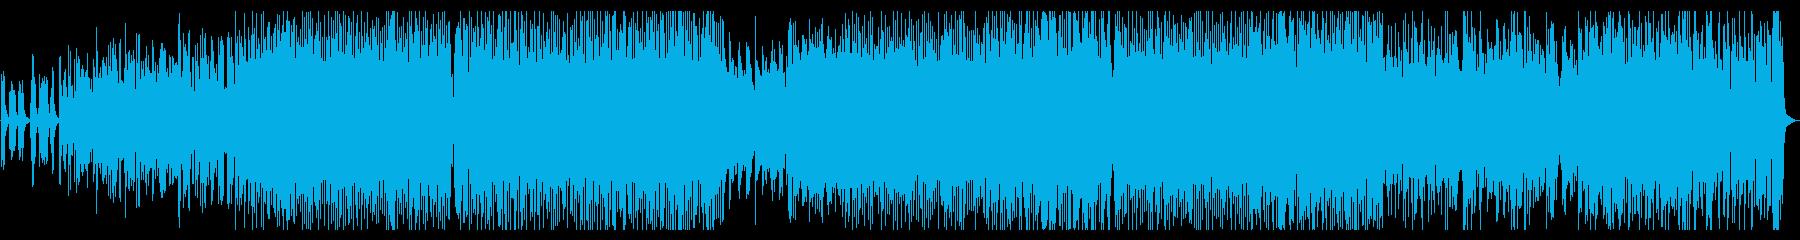 スムーズジャズ。長いソロの紹介とリ...の再生済みの波形